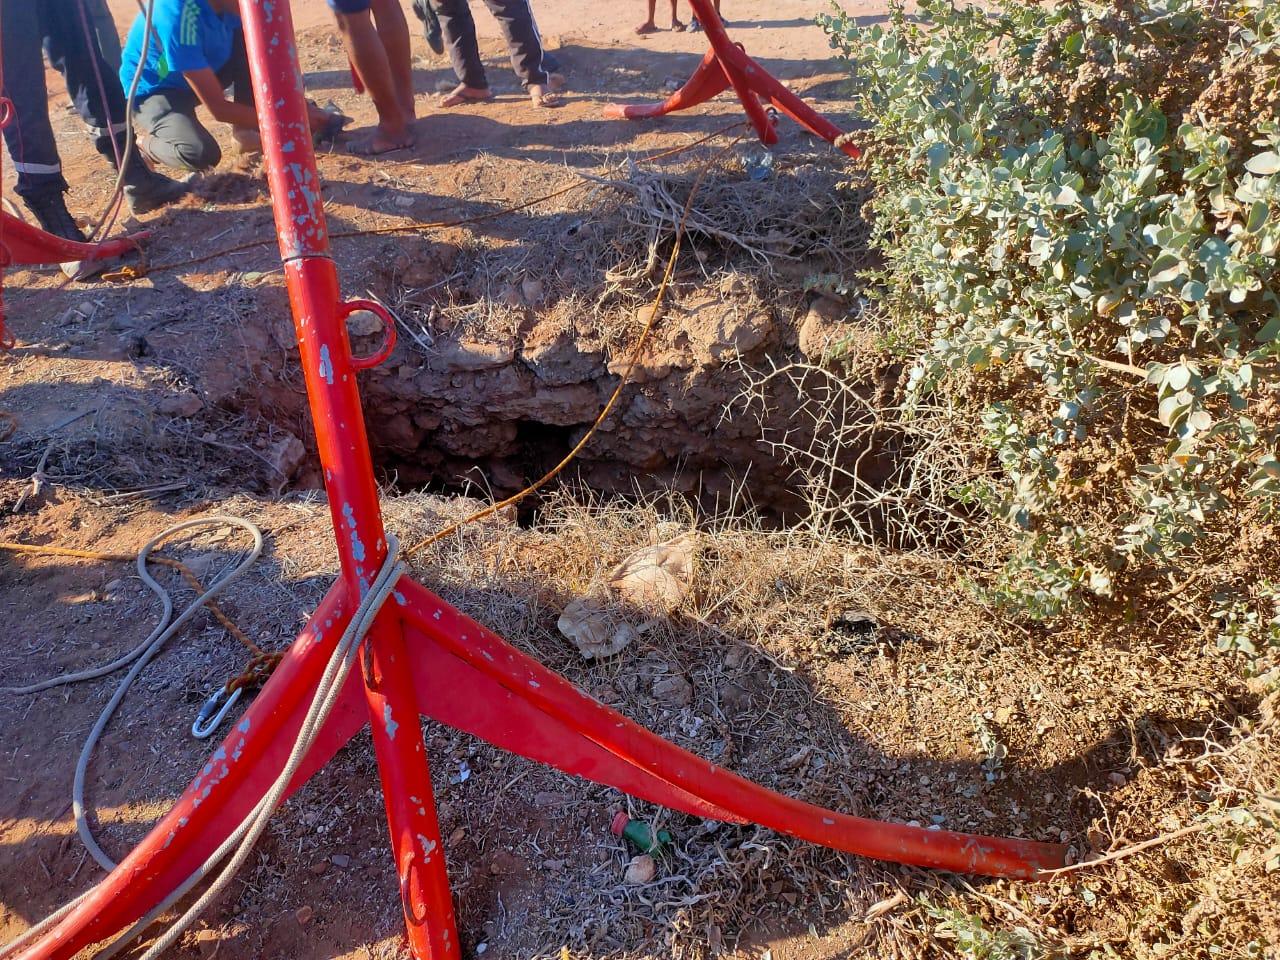 إنقاذ شخص بعد سقوطه في بئر لازيد من 48 ساعة بجماعة سيدي علي بنحمدوش + صور